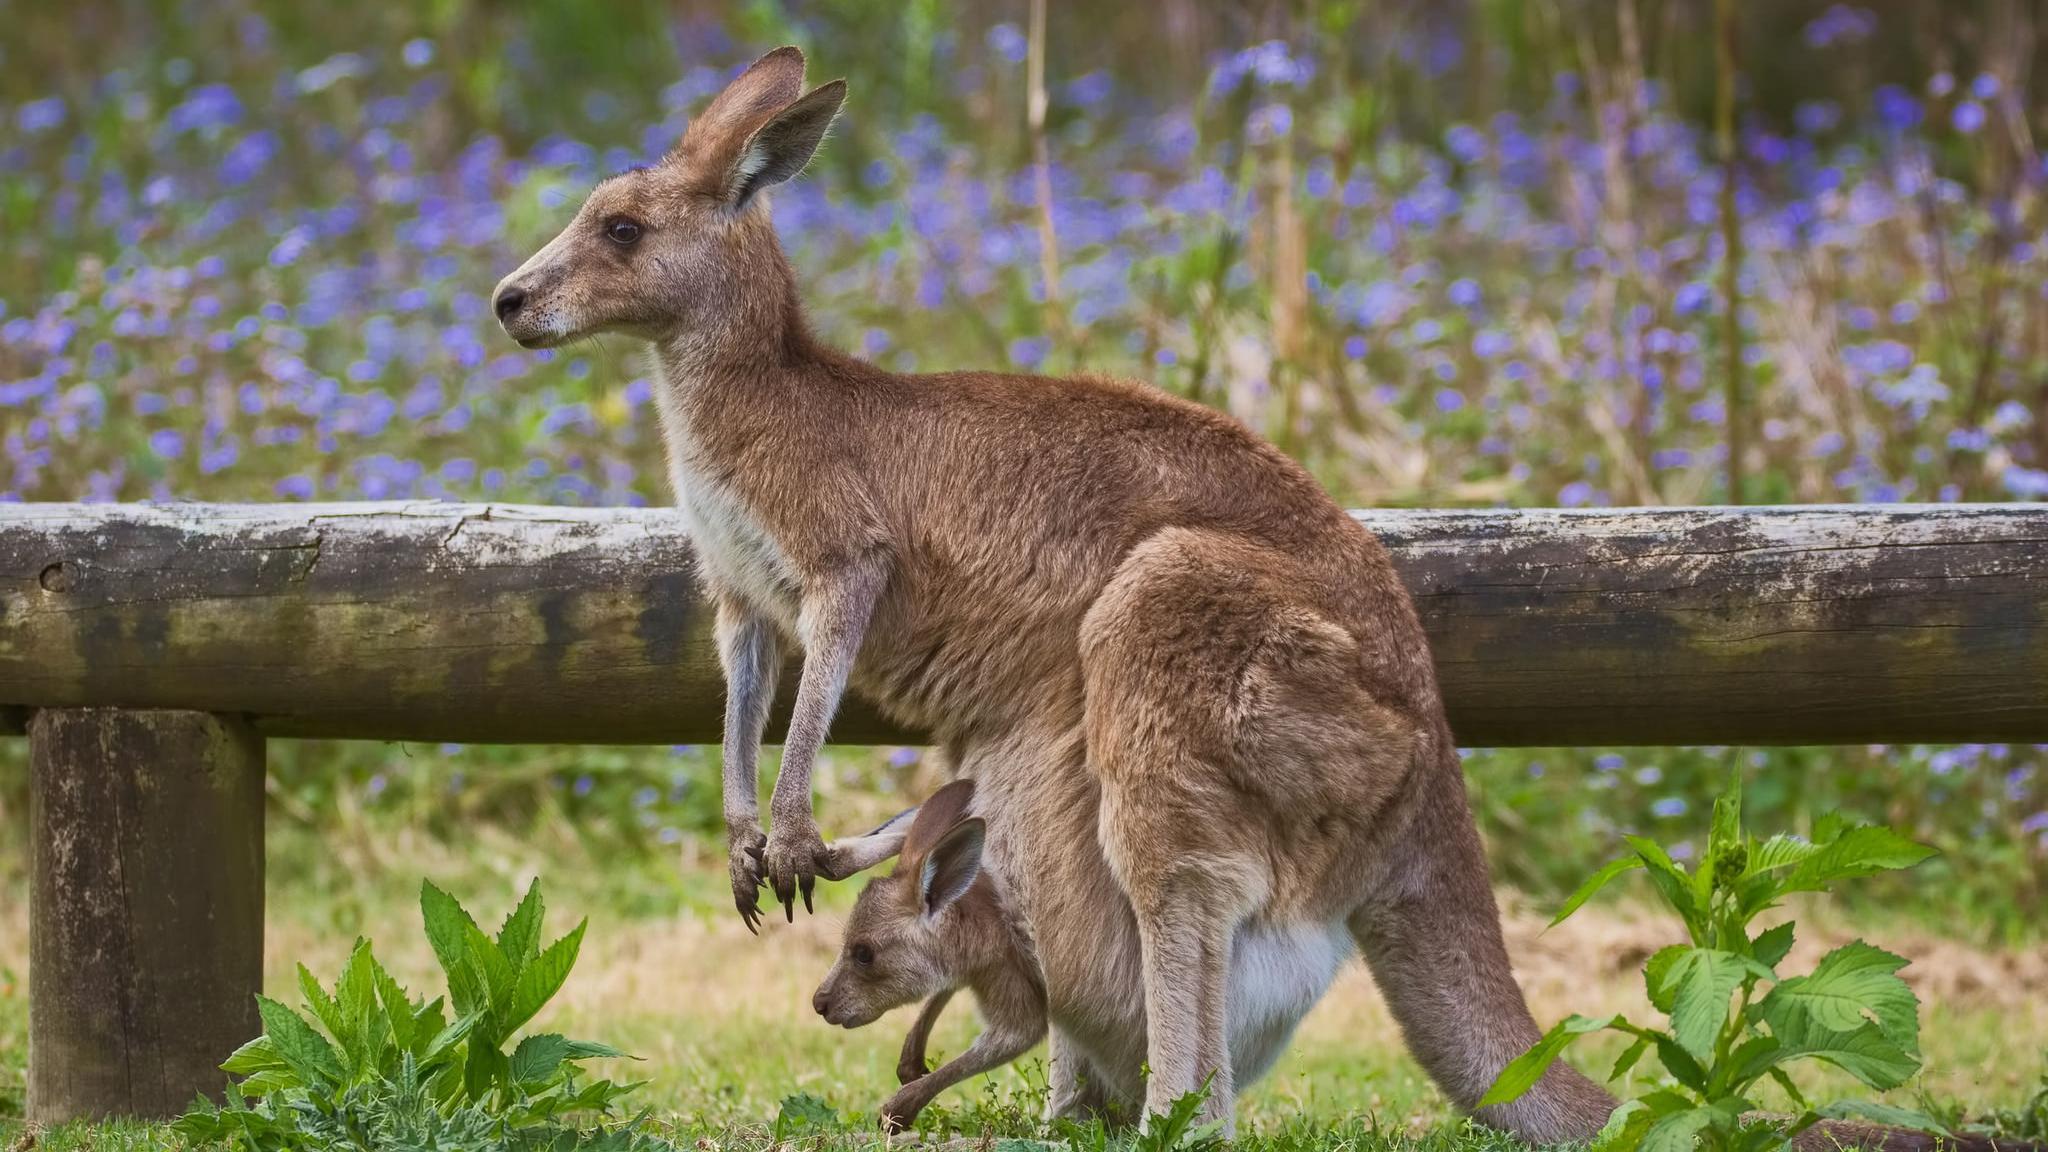 Метод кенгуру сразу после рождения повысило выживаемость младенцев